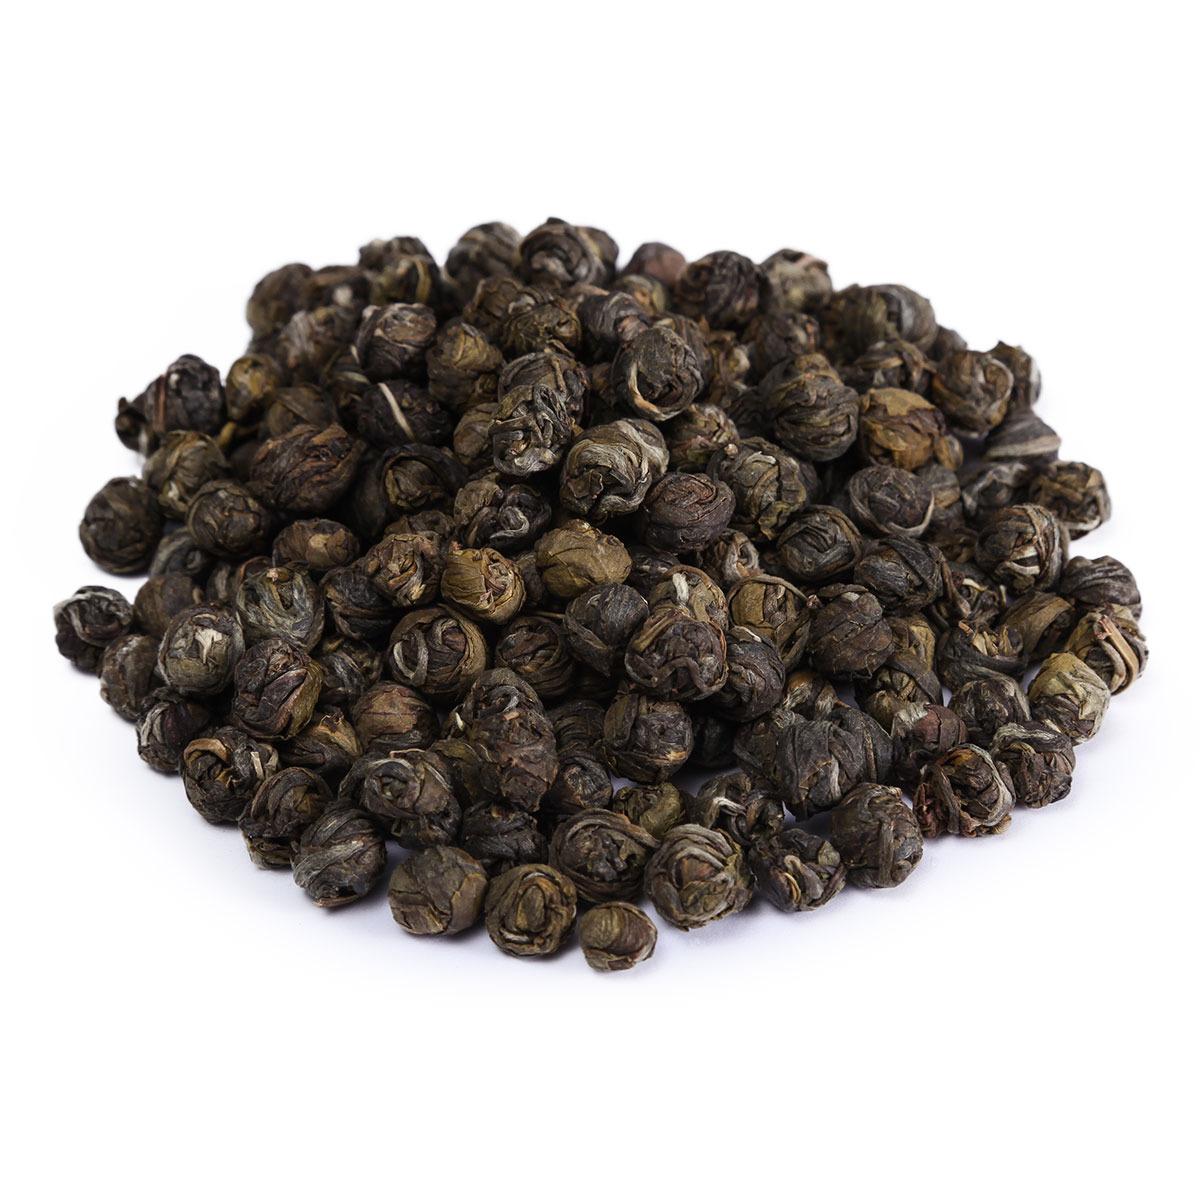 Чай листовой Первая Чайная Компания Хуа Лун Чжу Жасминовый дракон, травяной, 100 г сад дань чай травяной чай жасминовый чай жасминовый чай типпи 100г мешок